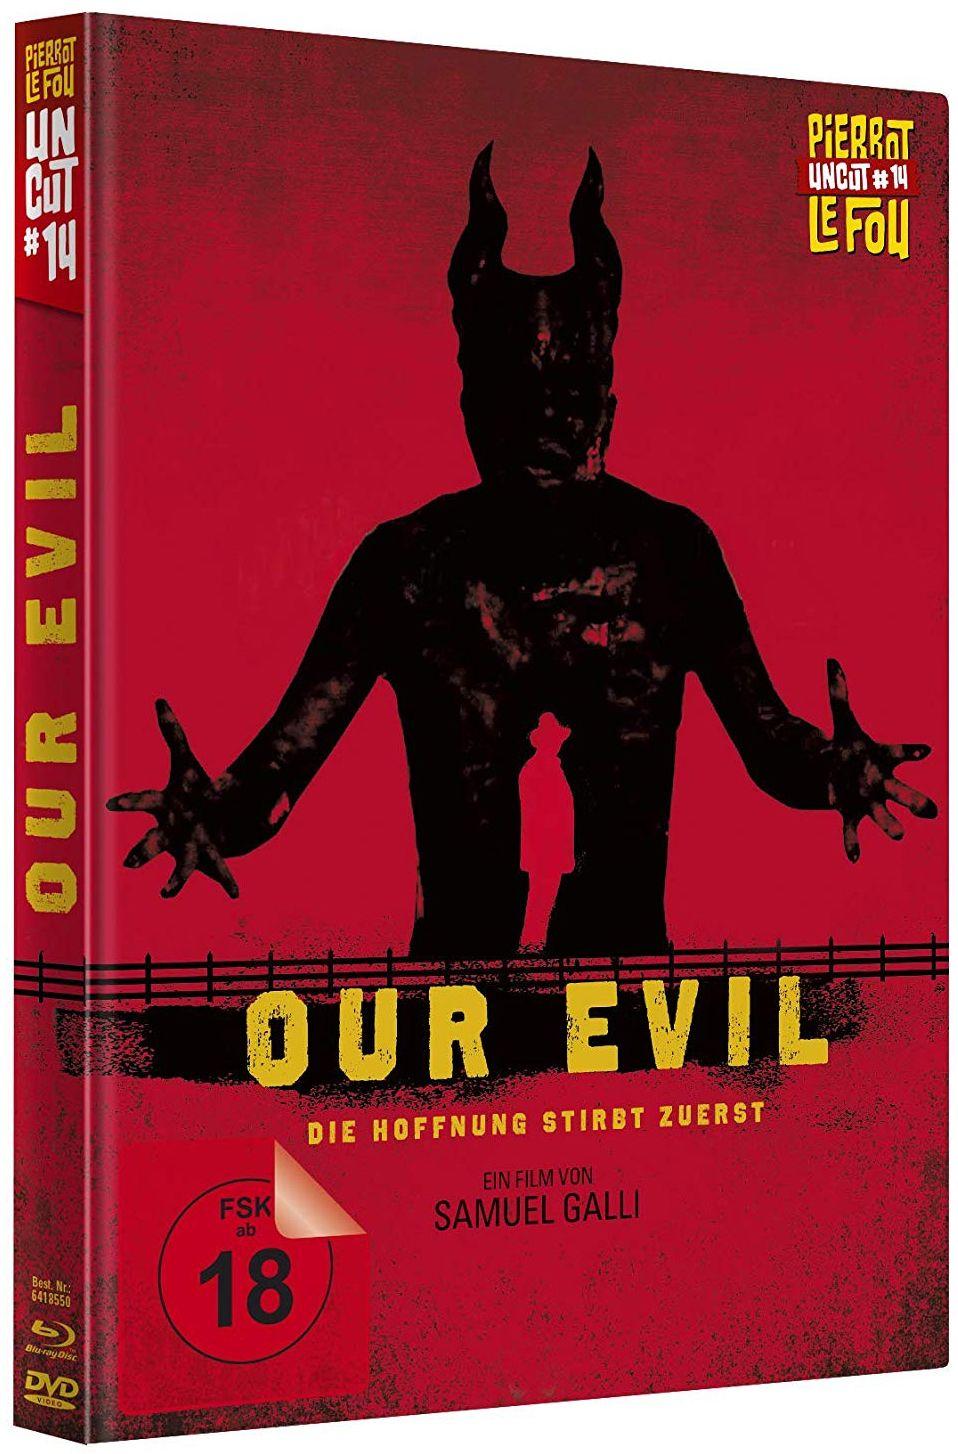 Our Evil - Die Hoffnung stirbt zuerst (Lim. Uncut Mediabook) (DVD + BLURAY)